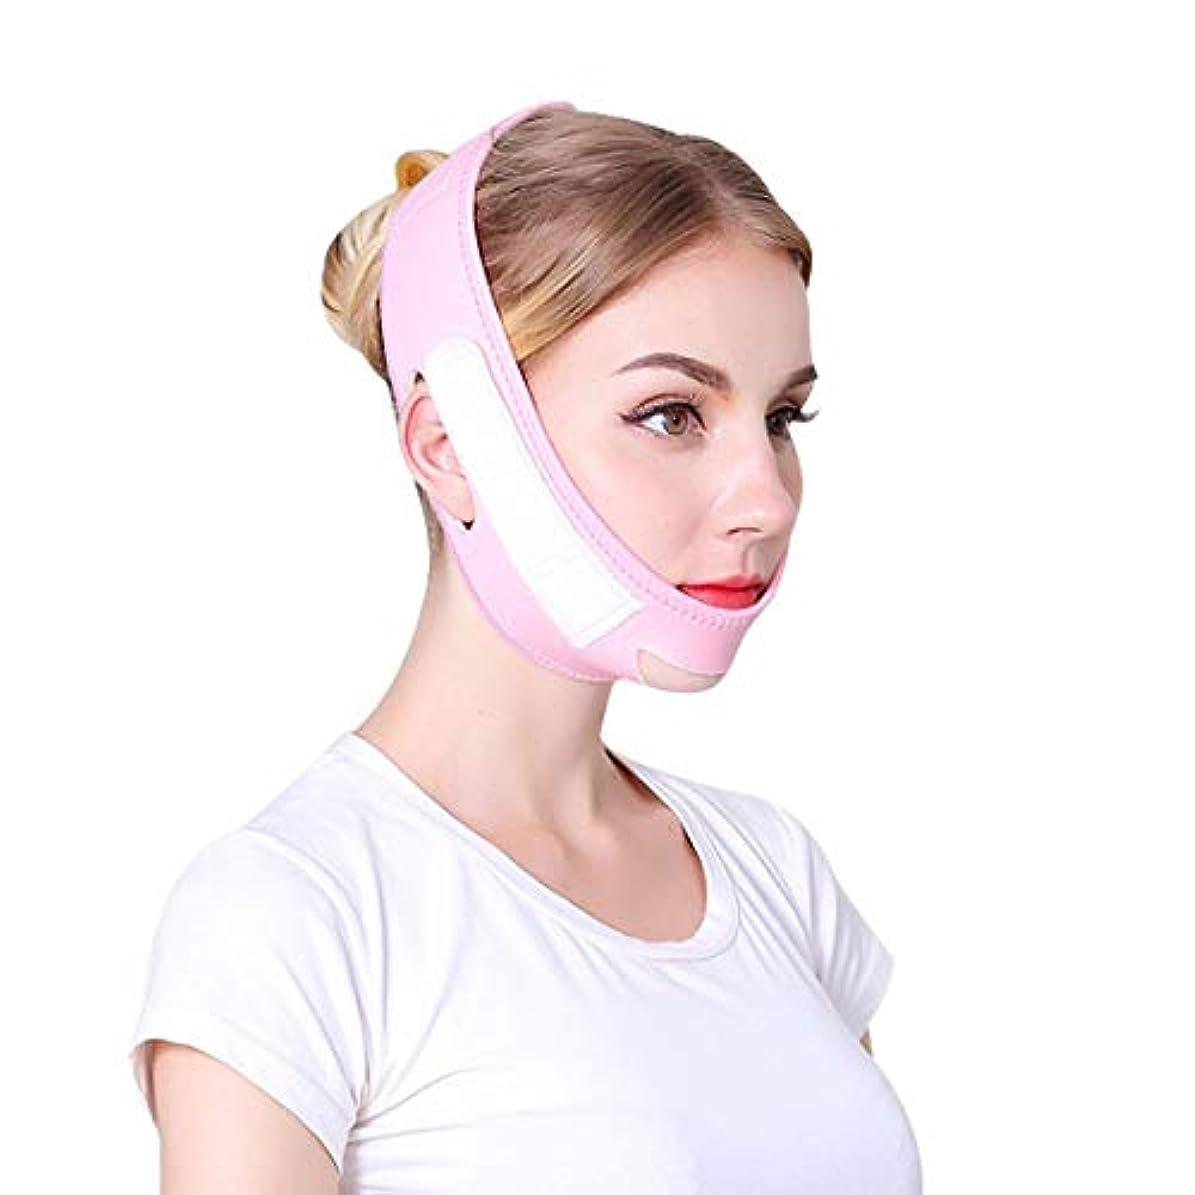 インデックスステレオ肥料ZWBD フェイスマスク, 痩身Vマスク二重あごケア減量美容ベルト付きフェイスリフティング包帯顔の減量マスクリフティングフェイス